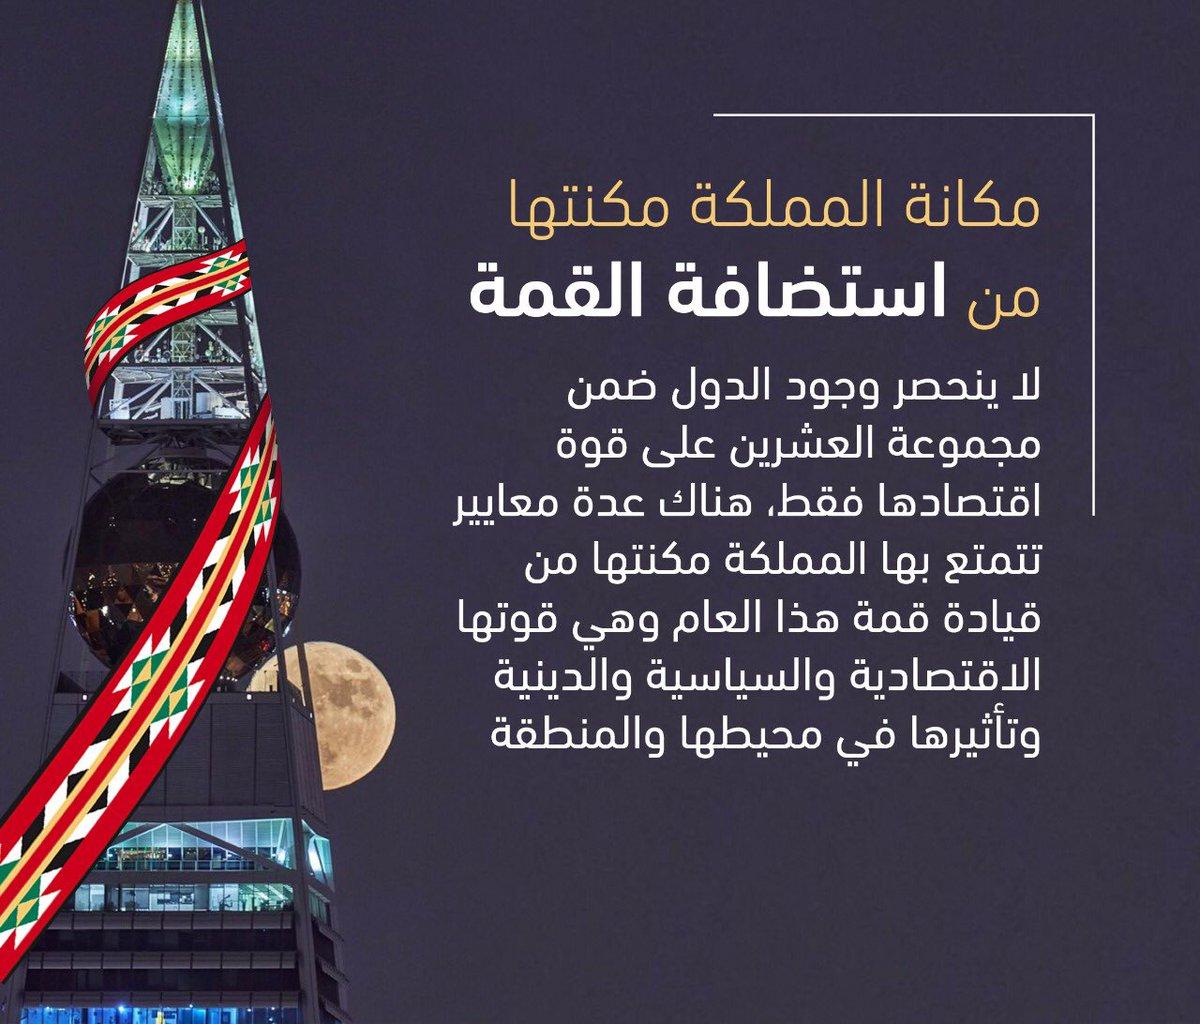 فخور جدا بتنظيم السعودية لقمة العشرين ونجاحها بالتنظيم اللي يعد شي استثنائي وغير مسبوق. #نجاح_قمة_العشرين_بالسعودية